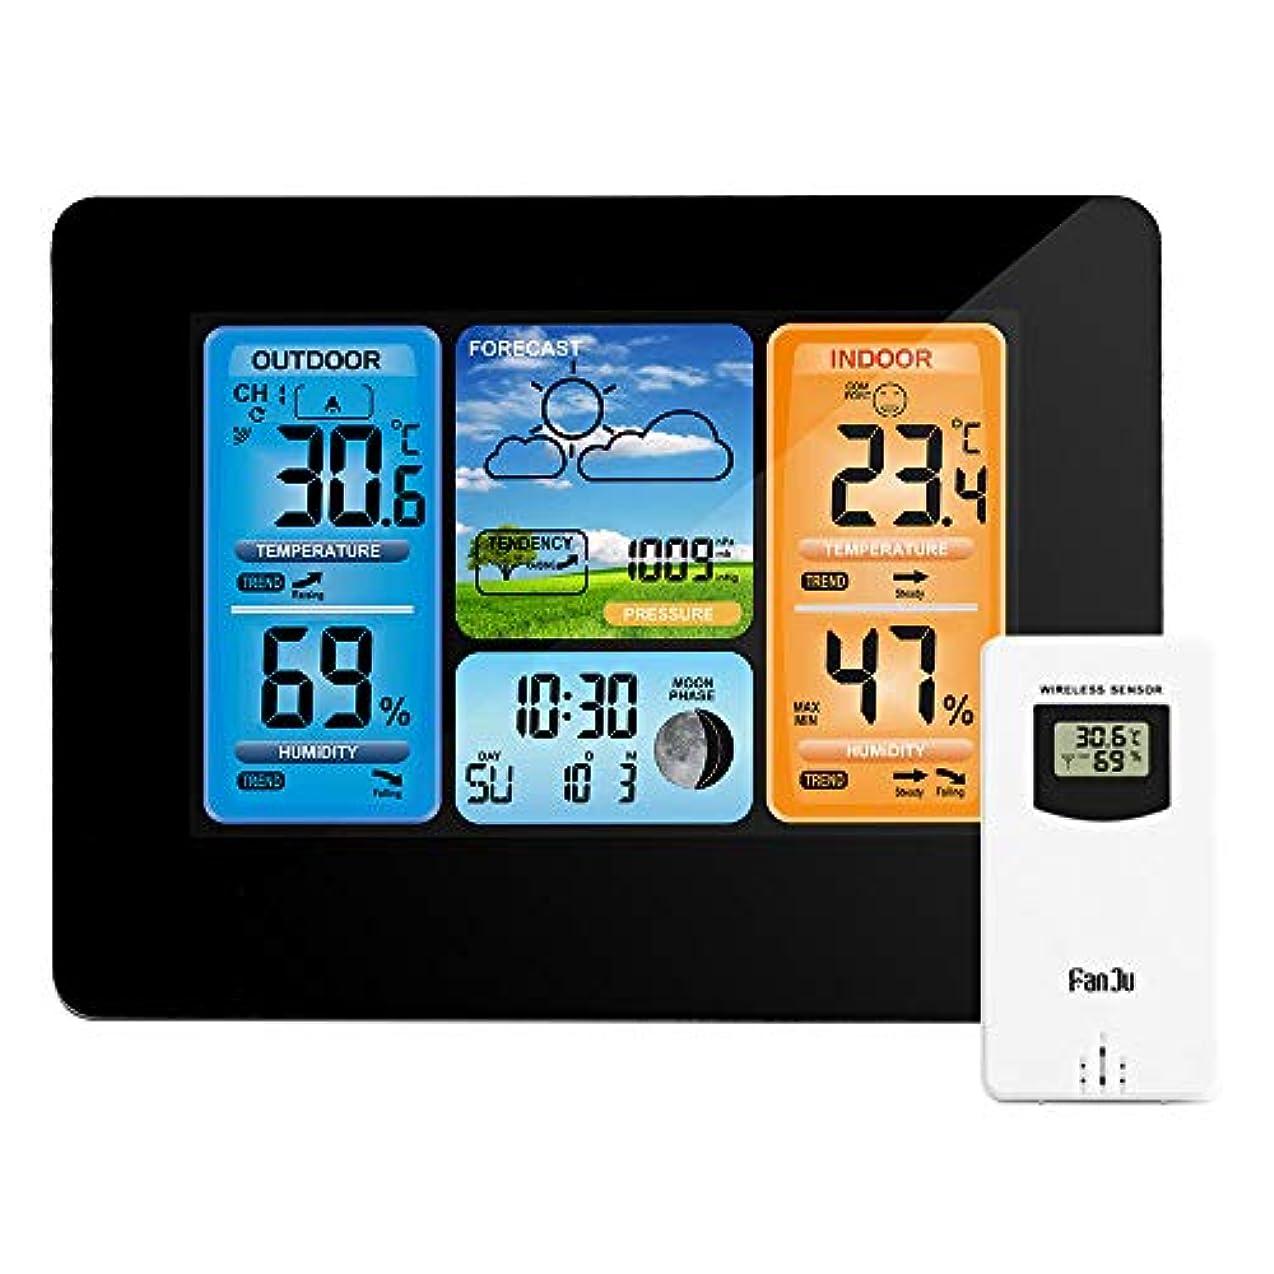 離れて早くうん天気ステーションデジタル温度計湿度計ワイヤレスセンサー予測温度時計ウォールデスク目覚まし時計